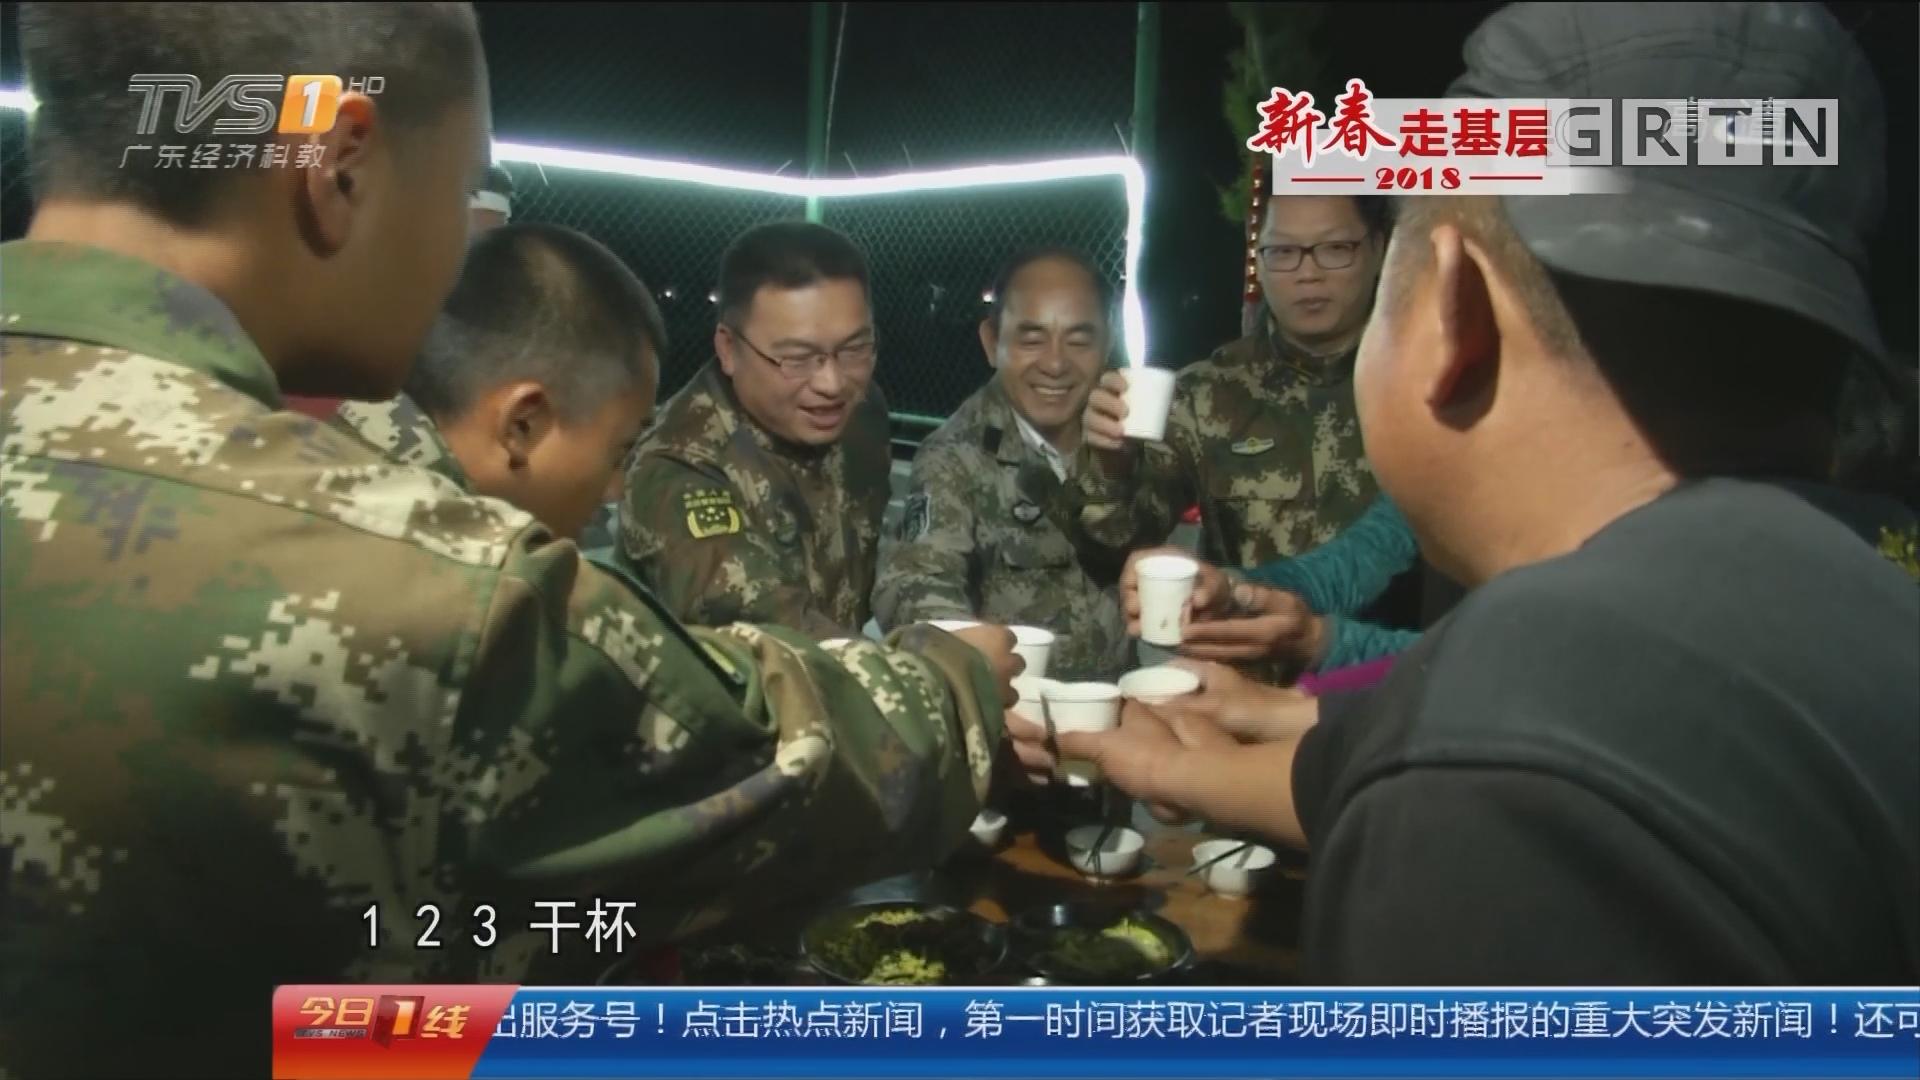 新春走基层:珠海担杆岛 守望幸福 海岛边防官兵的年夜饭